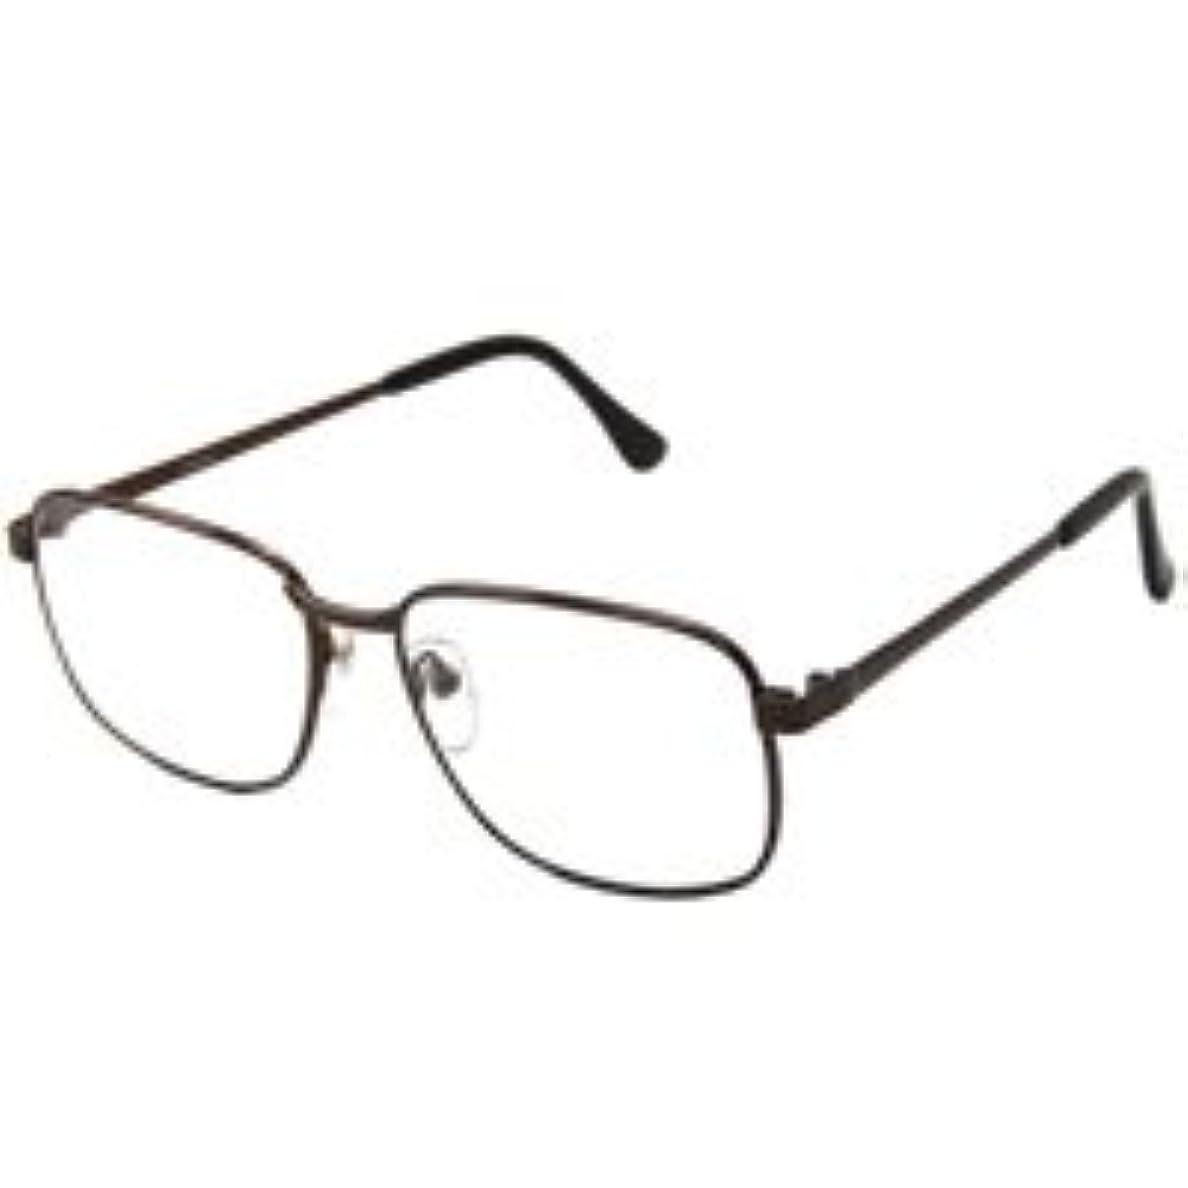 実施する艦隊加速度強度 老眼鏡 メンズ 男性用 [シニアグラス] DR-50B 度数 +4.5